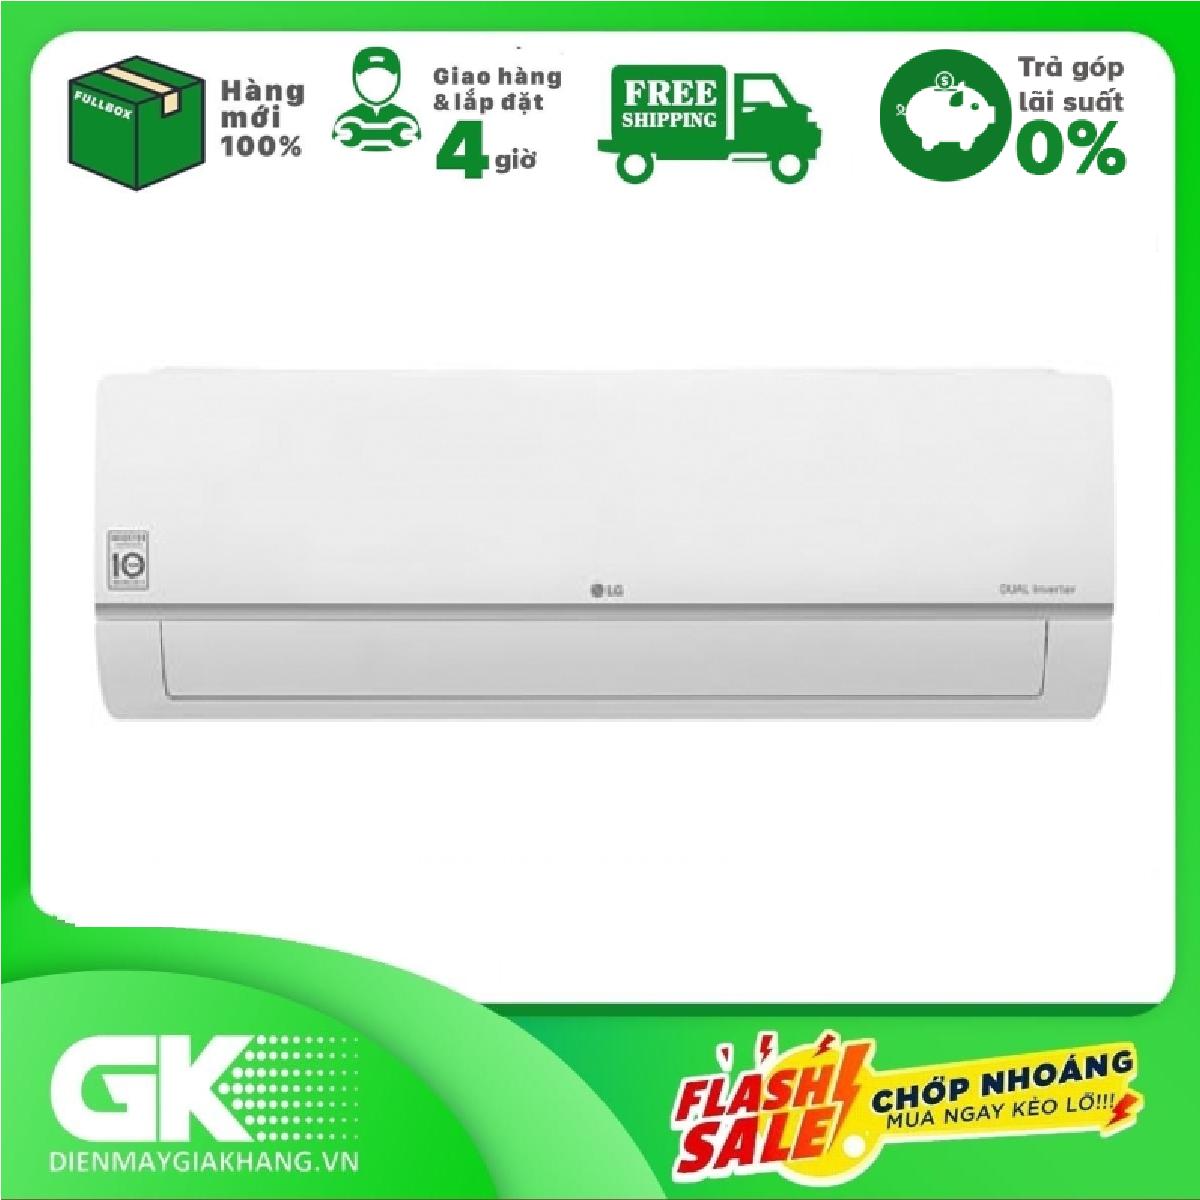 [GIAO HÀNG 2 - 15 NGÀY, TRỄ NHẤT 30.09] [Trả góp 0%]Máy Lạnh LG Inverter 1.5 HP V13ENS1